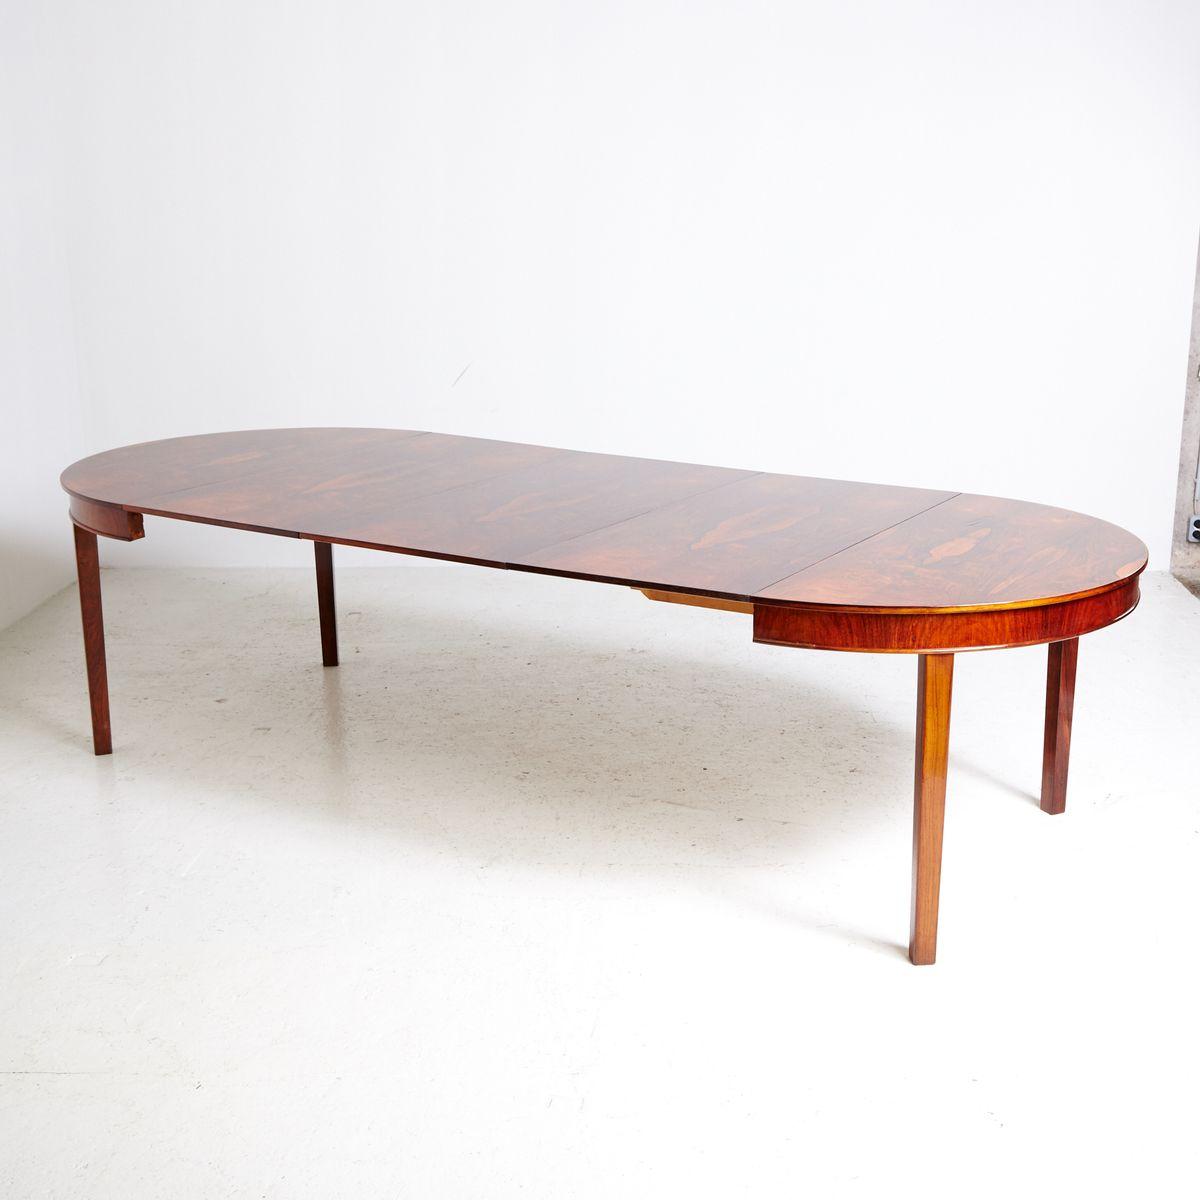 gro er palisander esstisch 1960er bei pamono kaufen. Black Bedroom Furniture Sets. Home Design Ideas